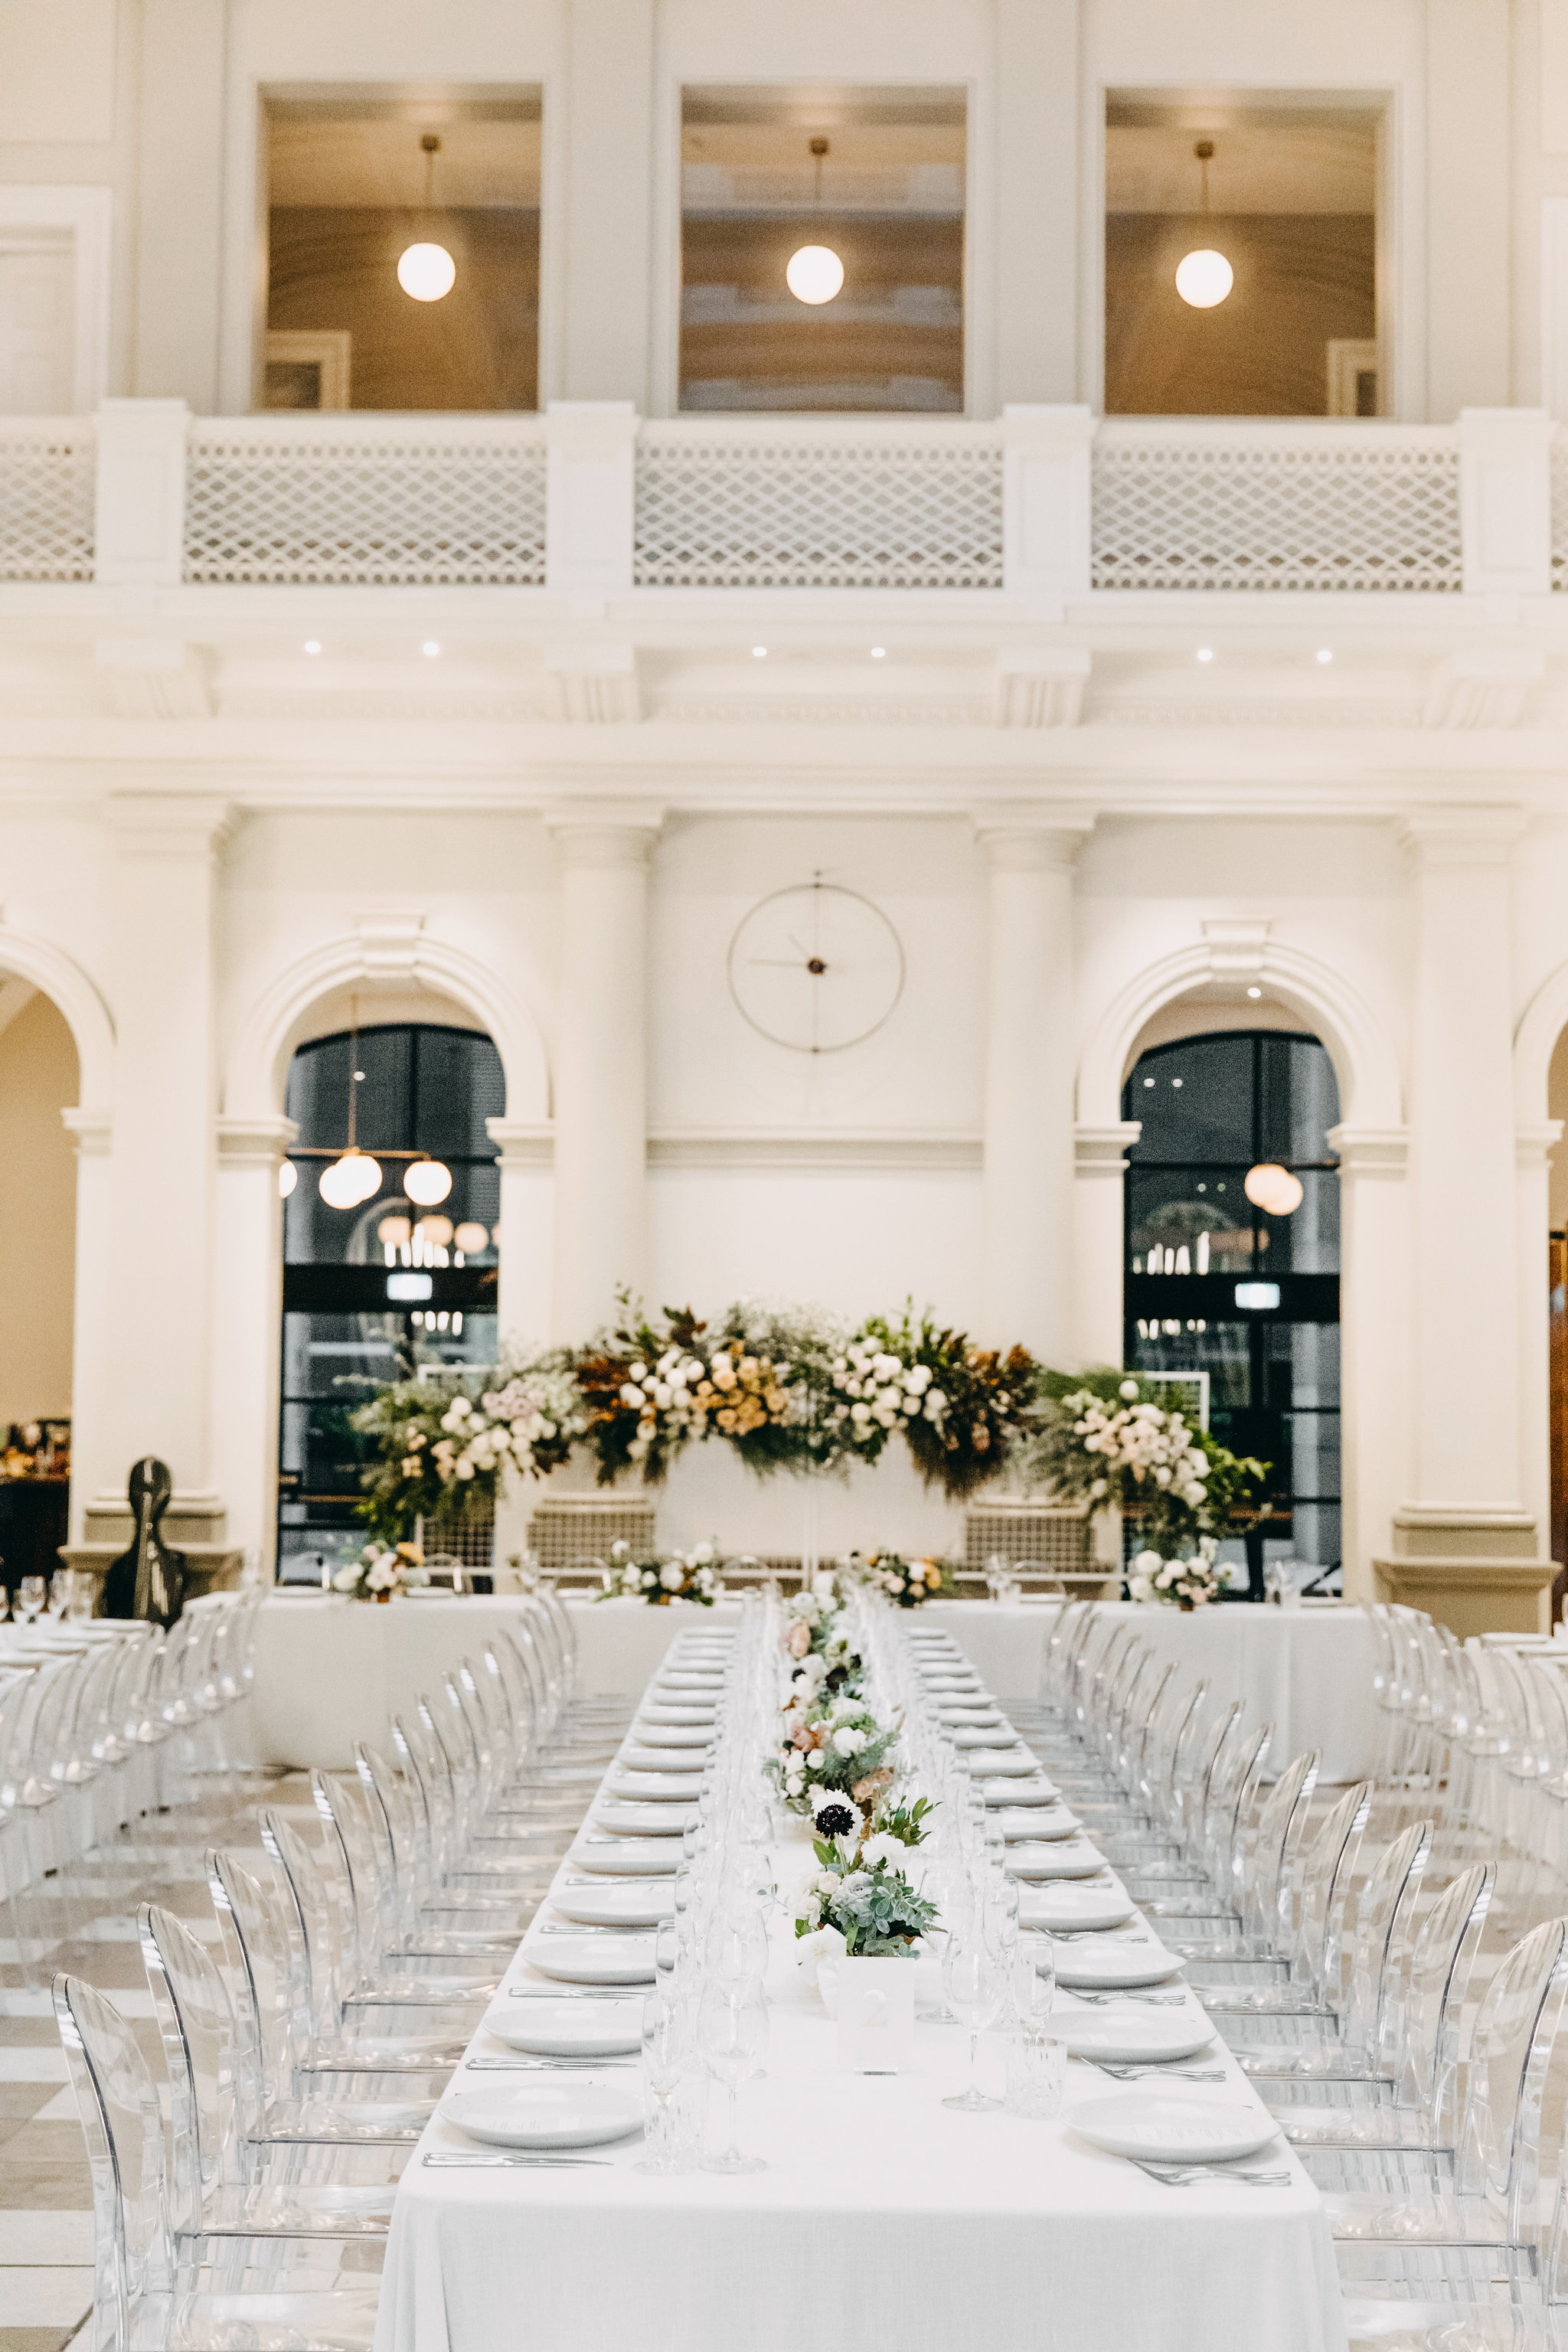 WEDDINGOPENDAY-STATEBUILDINGS-APR2018-12